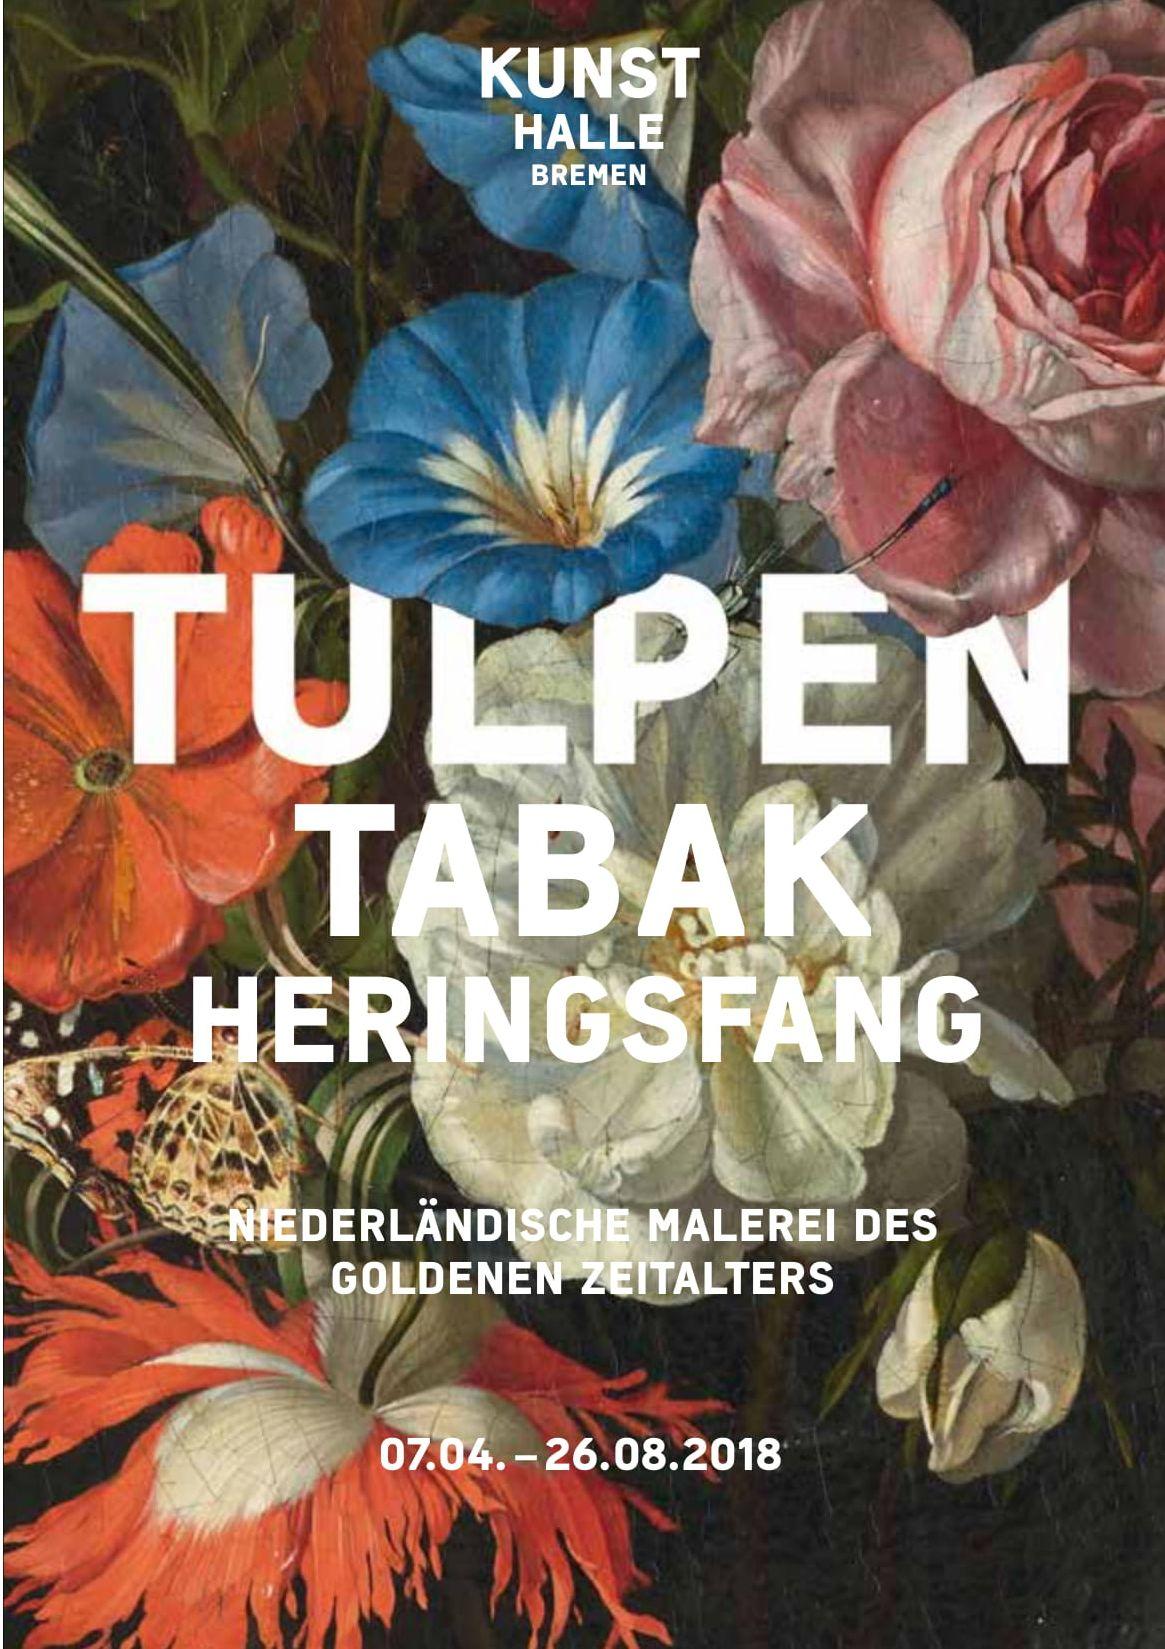 Tulpen Tabak Heringsfang Ernst Von Siemens Kunststiftung